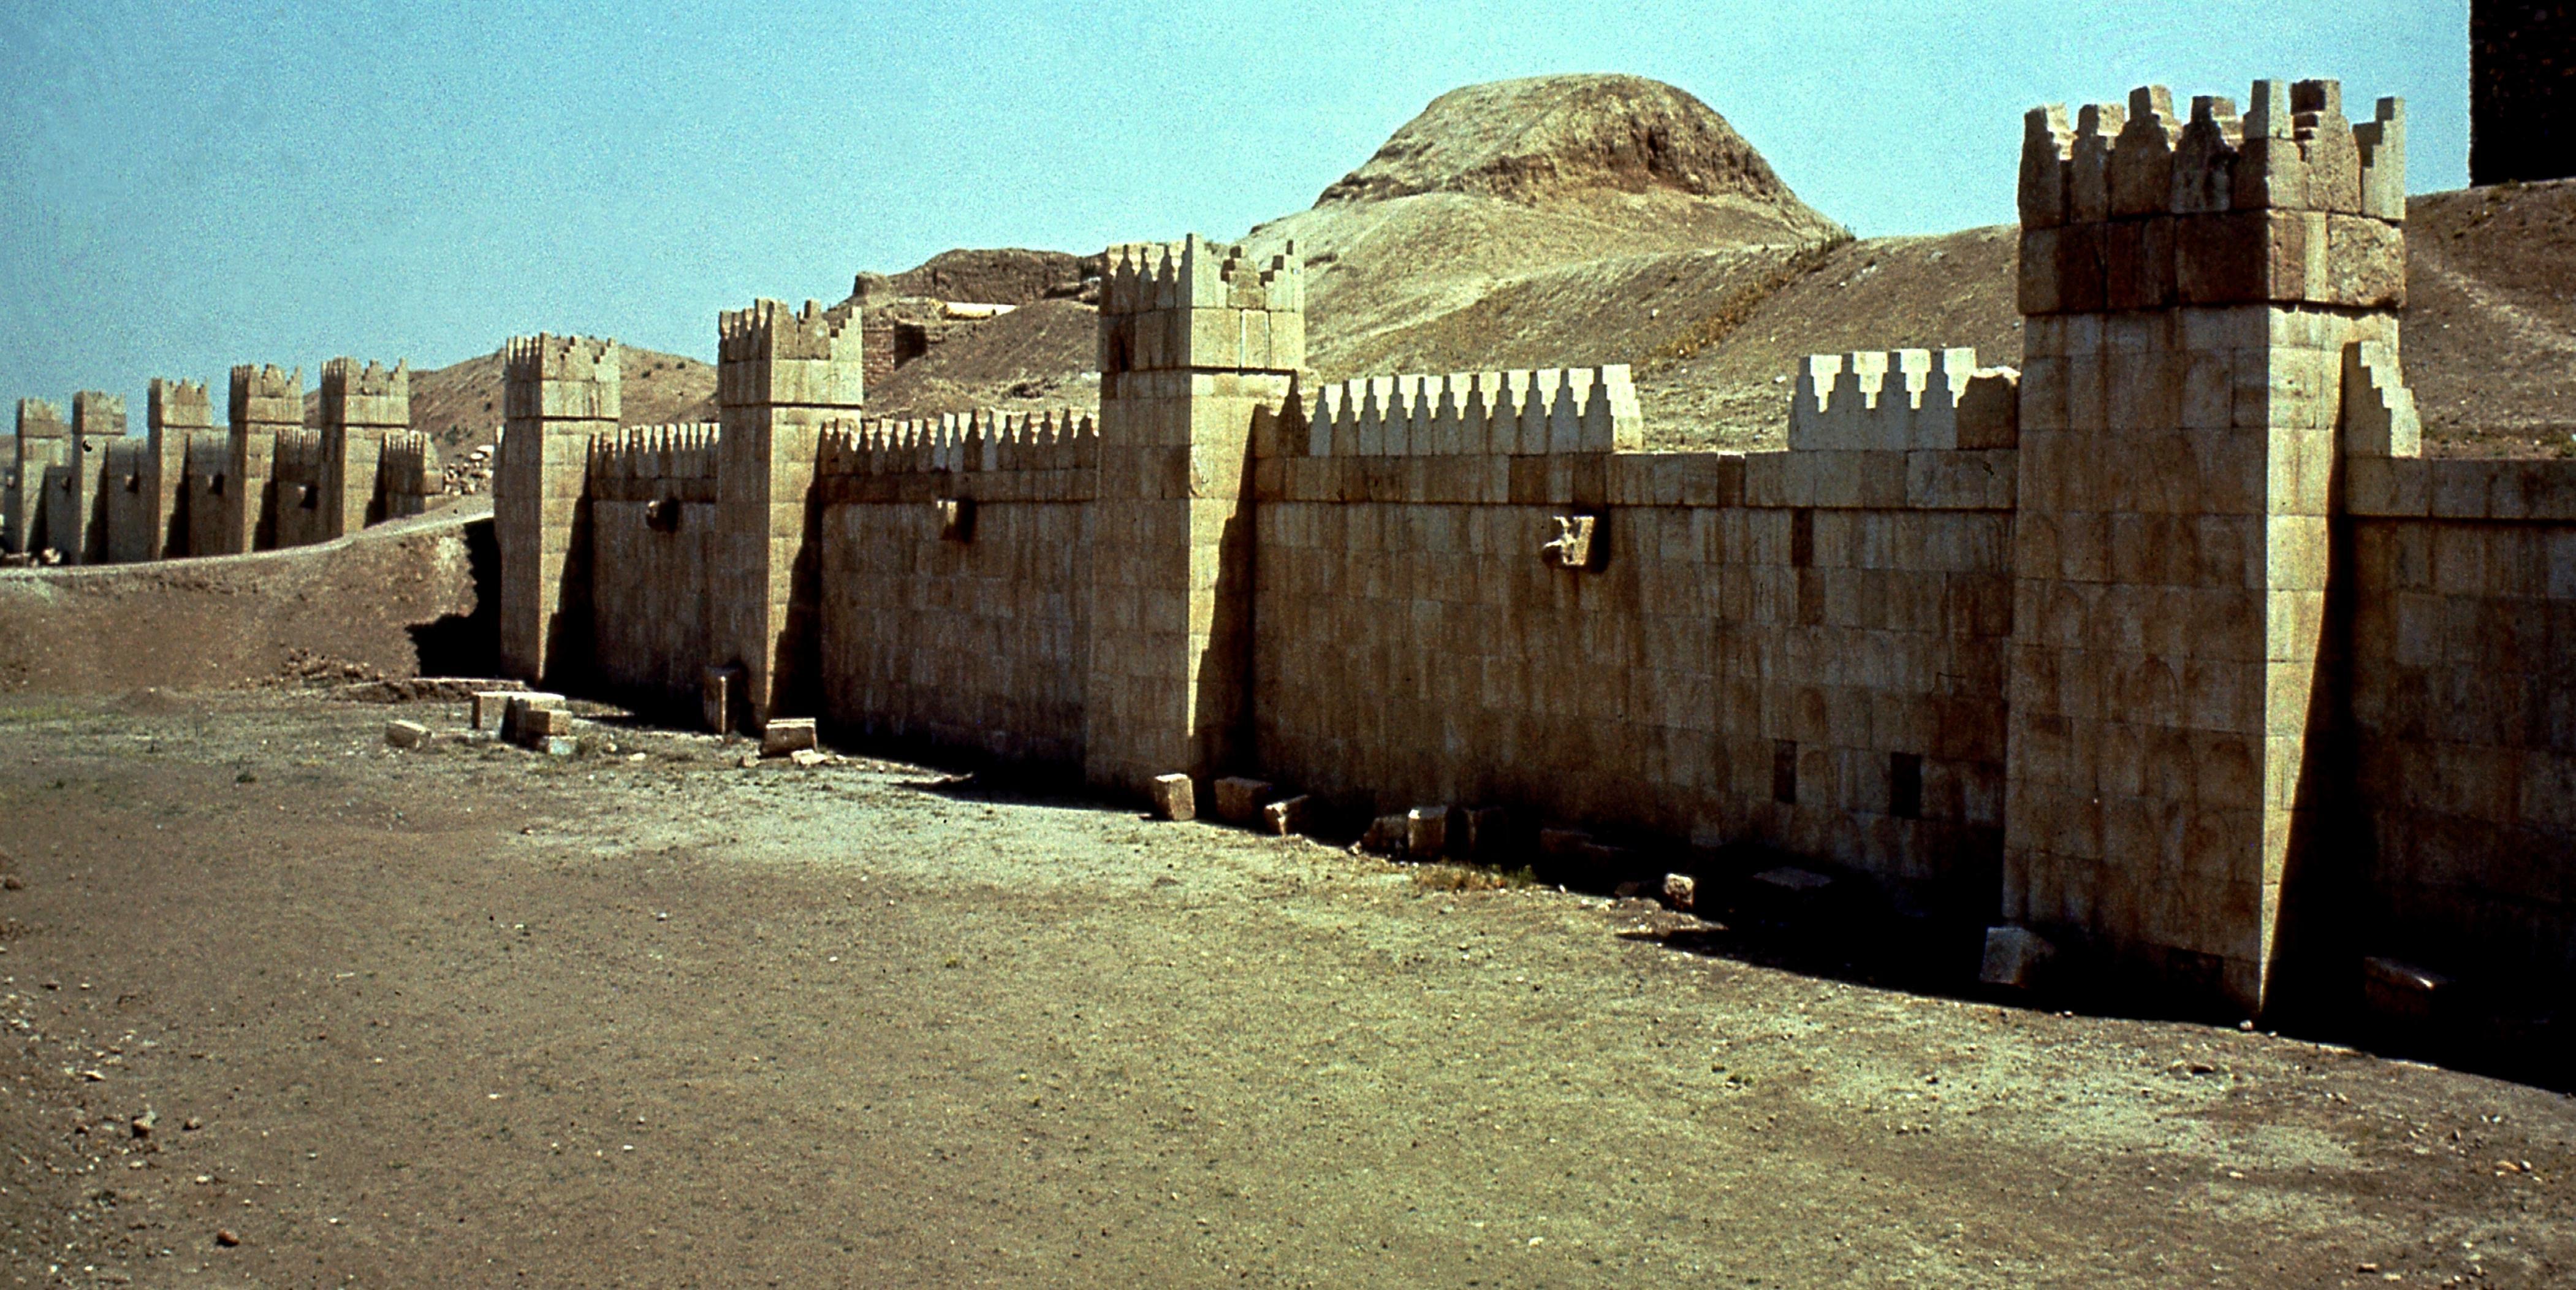 lapresse - musa ninive mosul - ©FIORE SILVIO/LAPRESSE STOCK IRAQ. NINIVE MURA DELLA CITTA ASSIRA